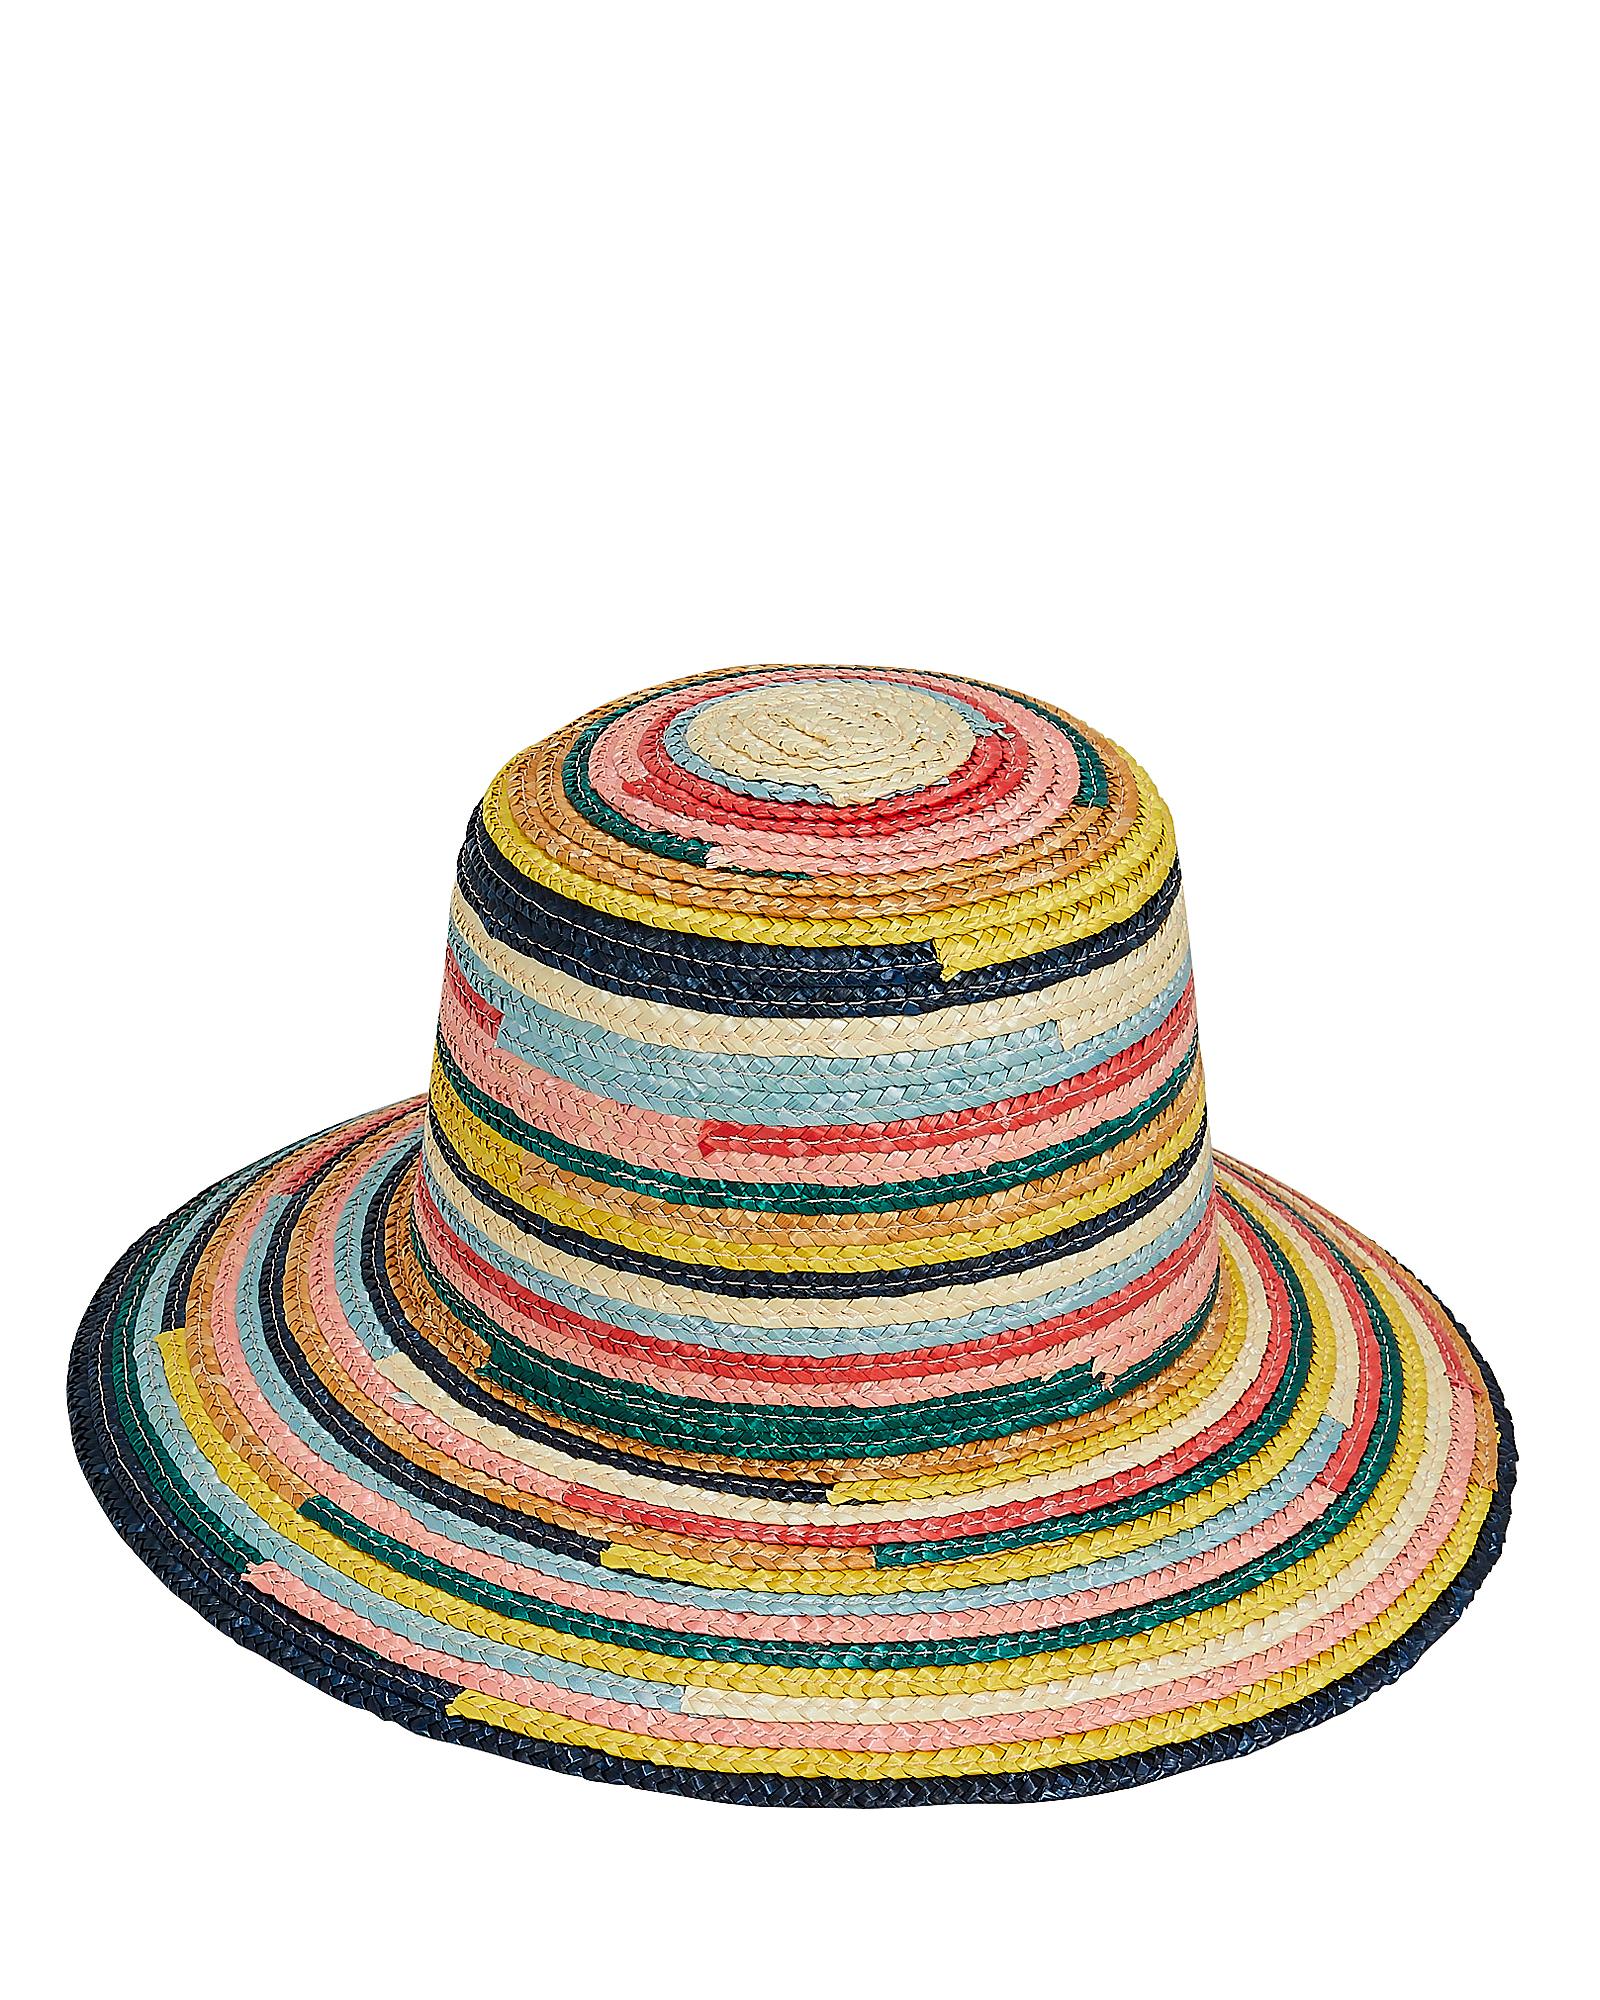 EUGENIA KIM Stevie Straw Hat - Pink in Multi